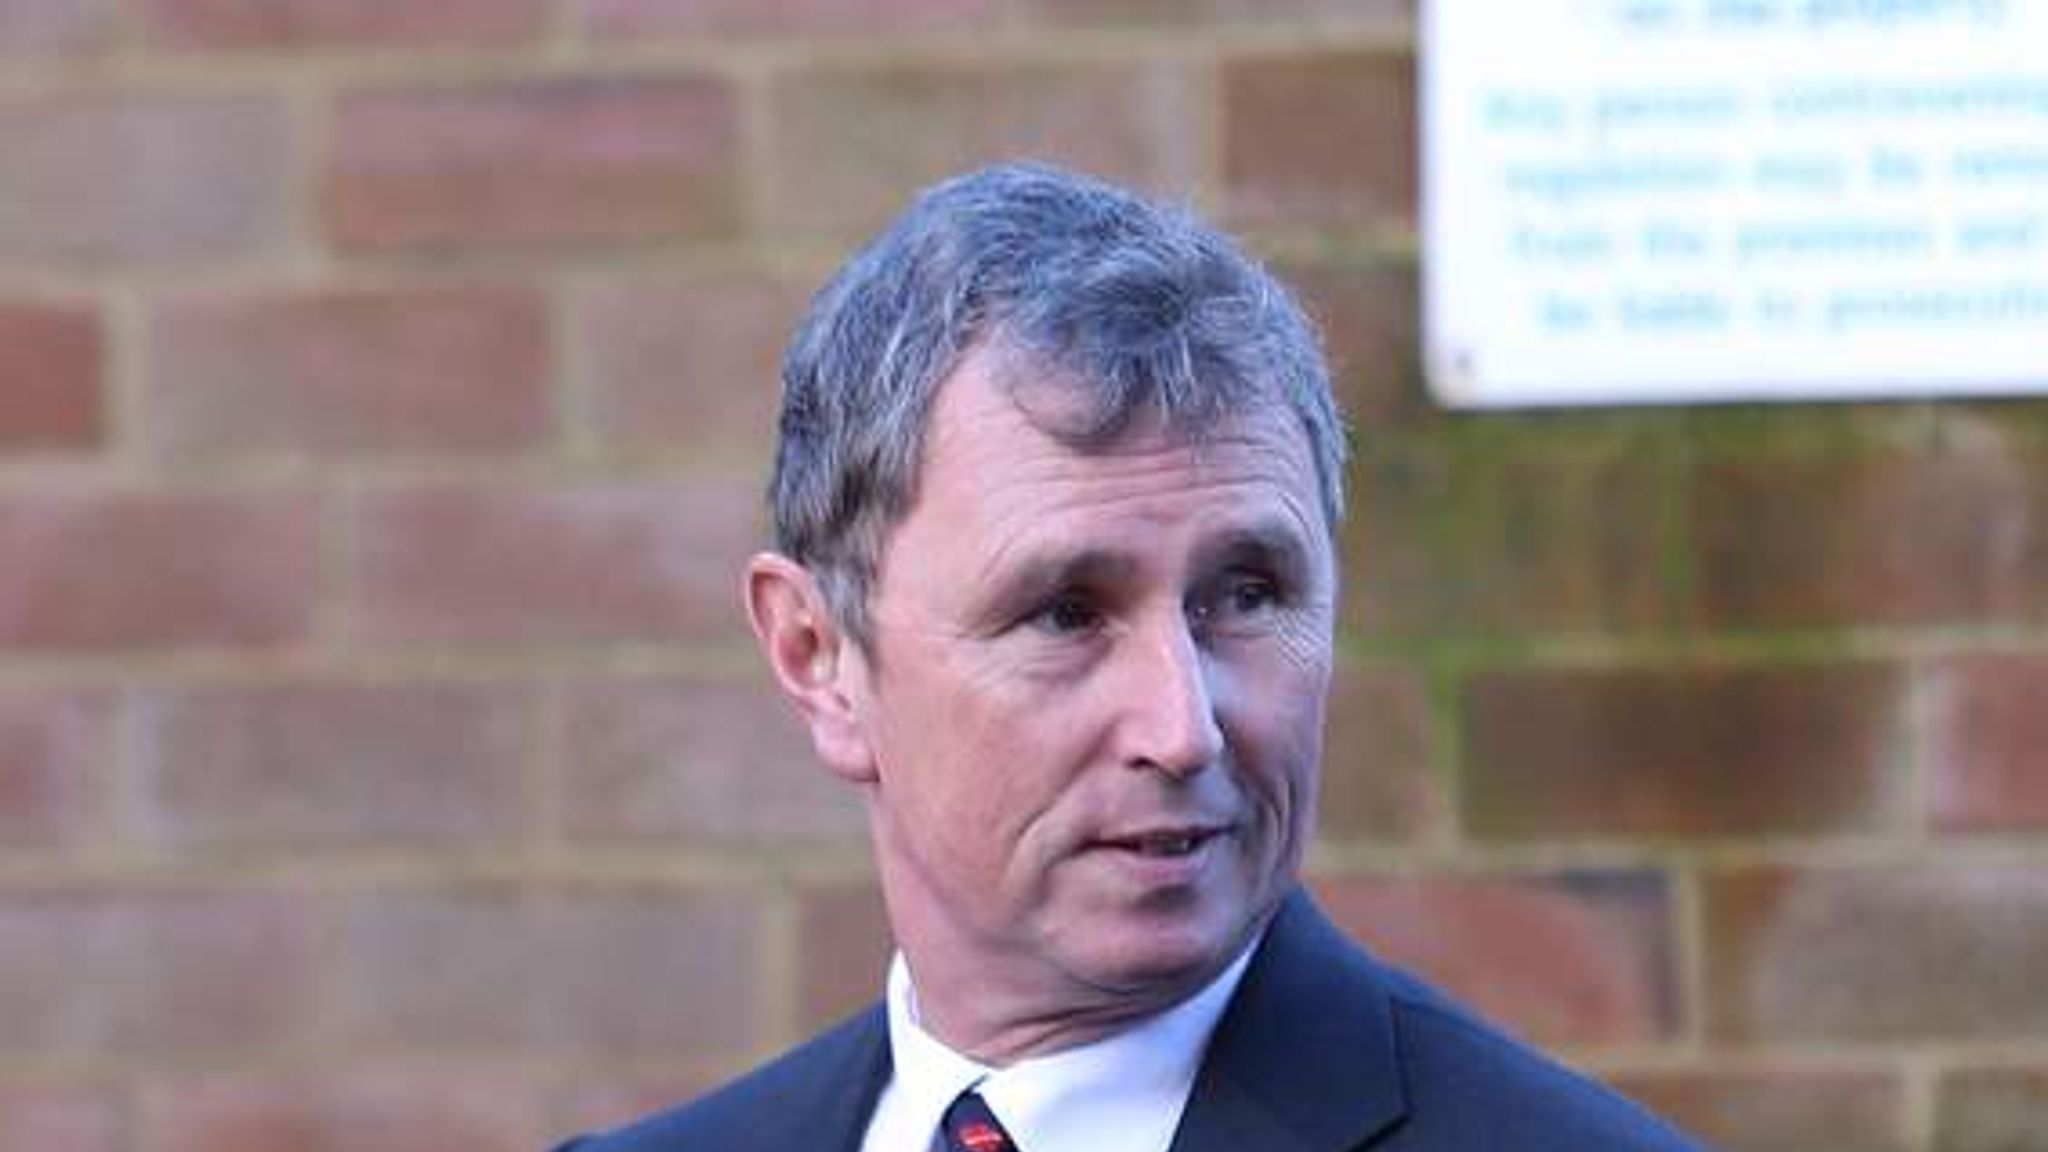 Nigel Evans trial: Deputy Speaker used his powerful